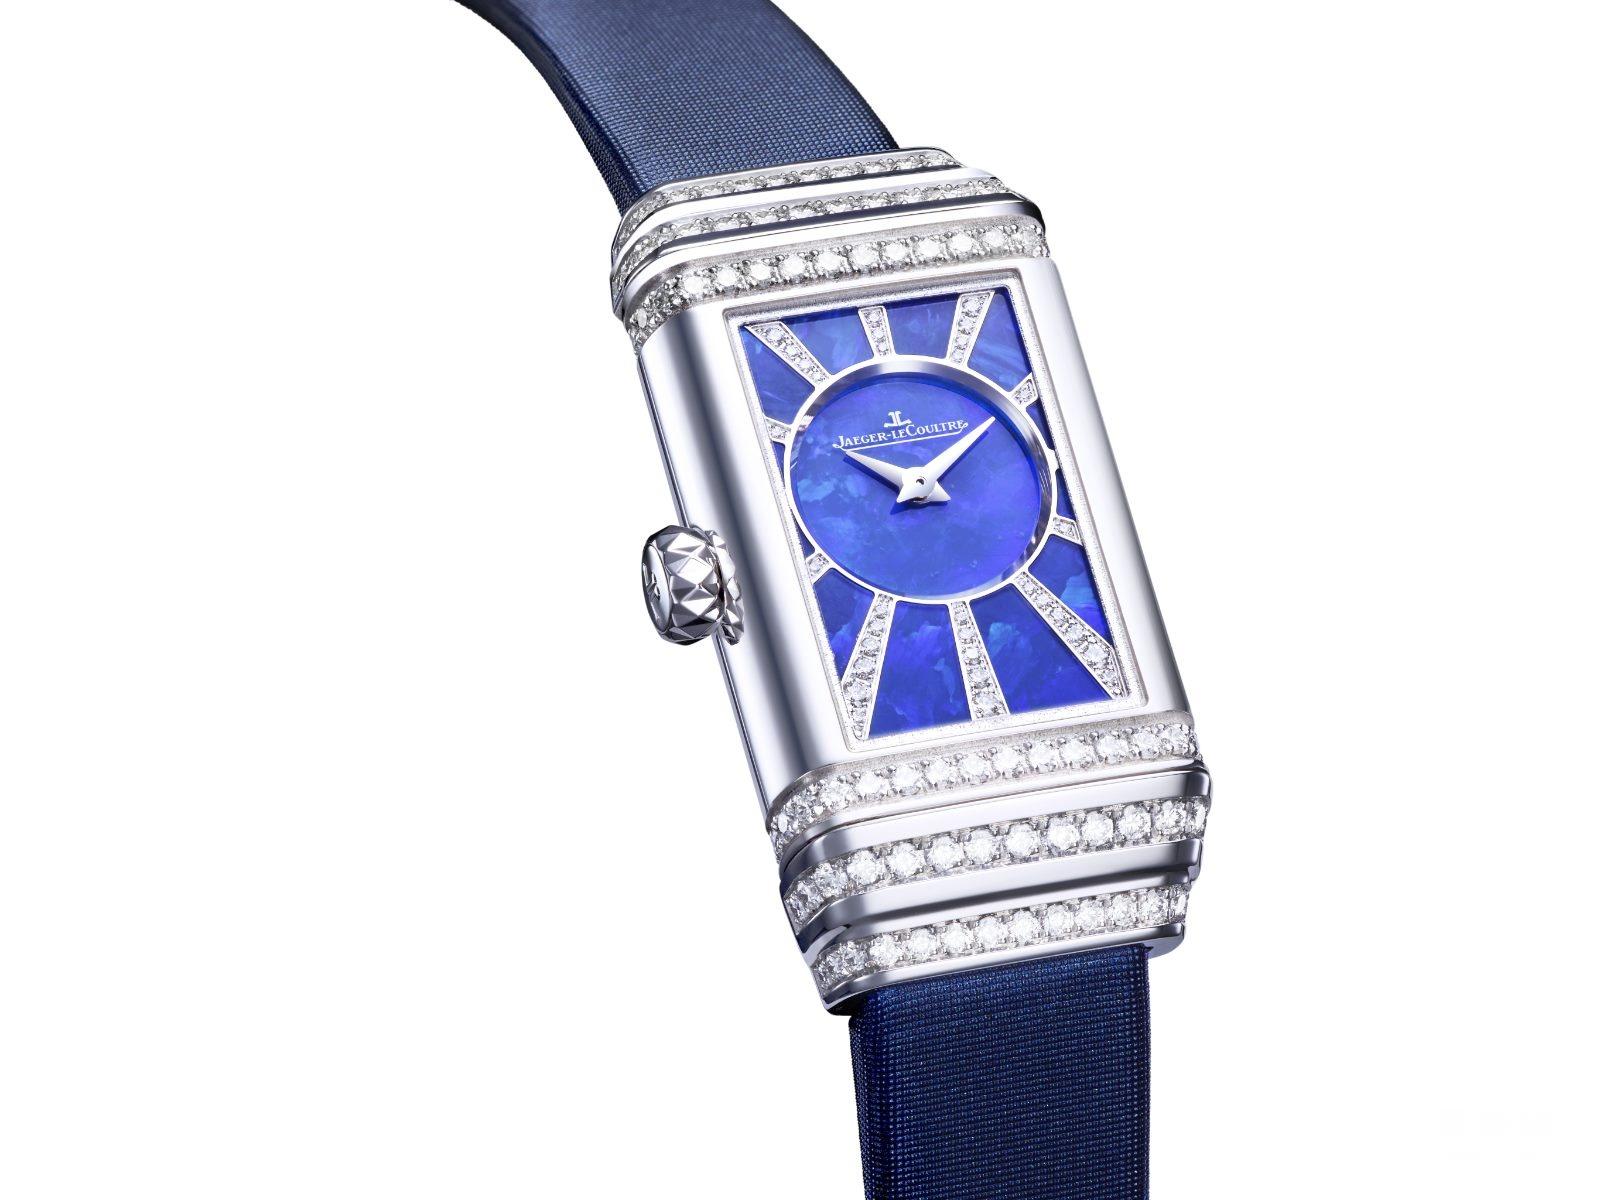 积家高级珠宝腕表 赞颂时间的艺术